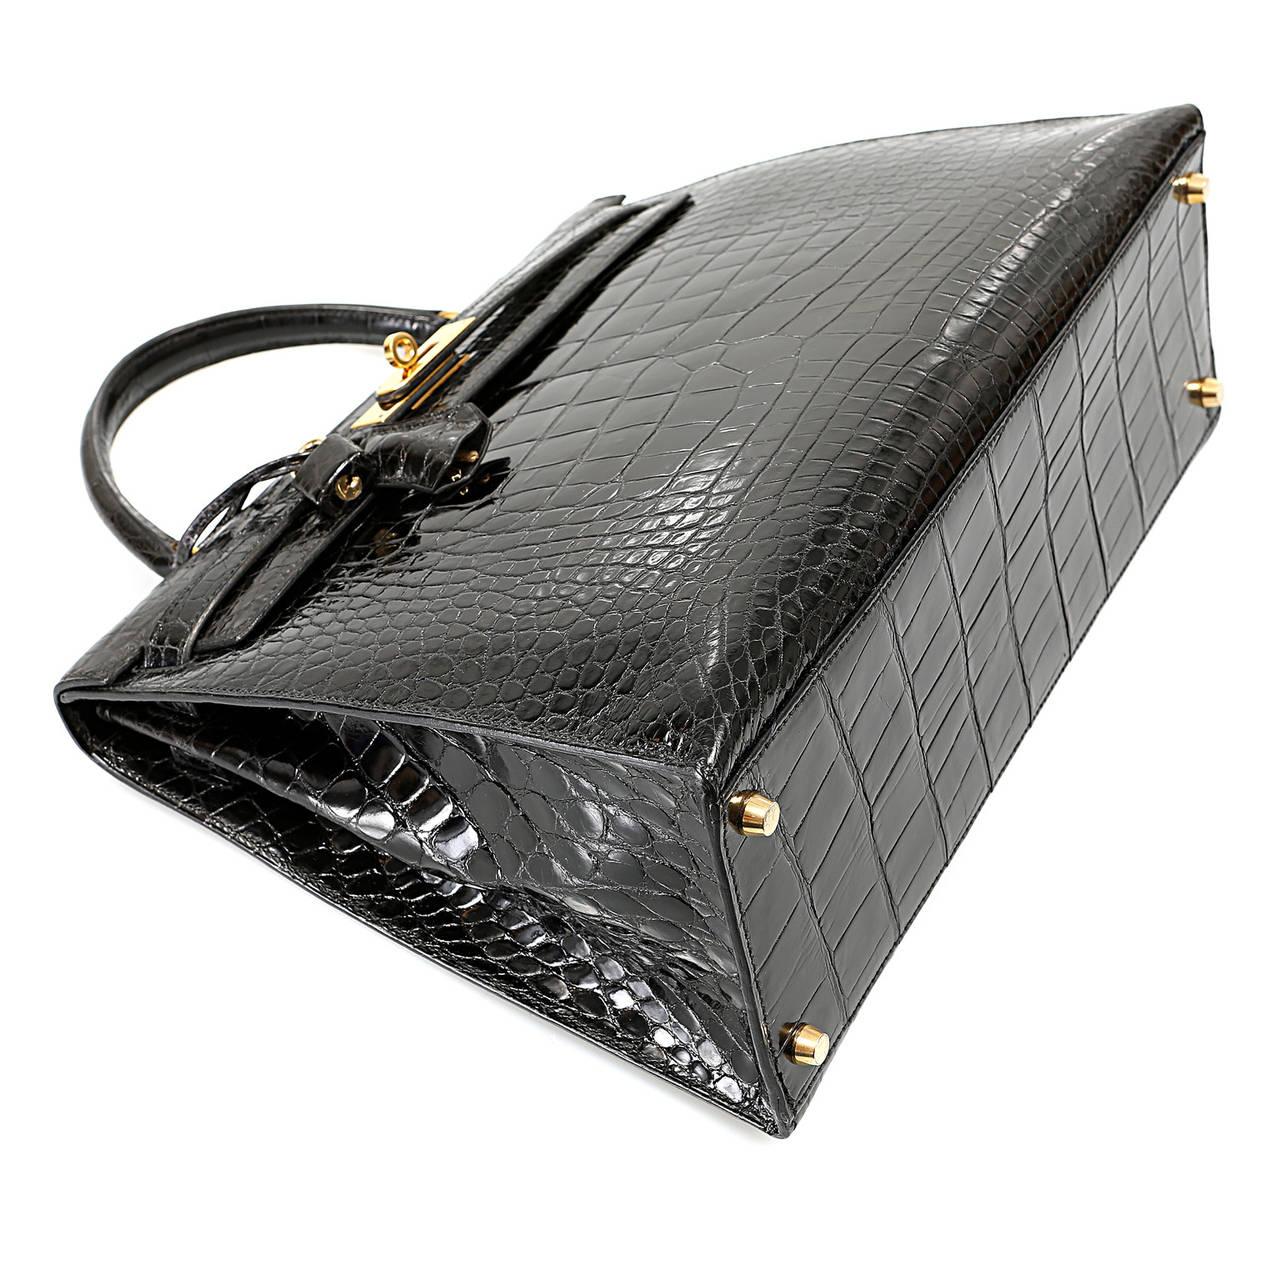 Hermes Black Alligator Kelly Bag- 35cm with Gold For Sale at 1stdibs